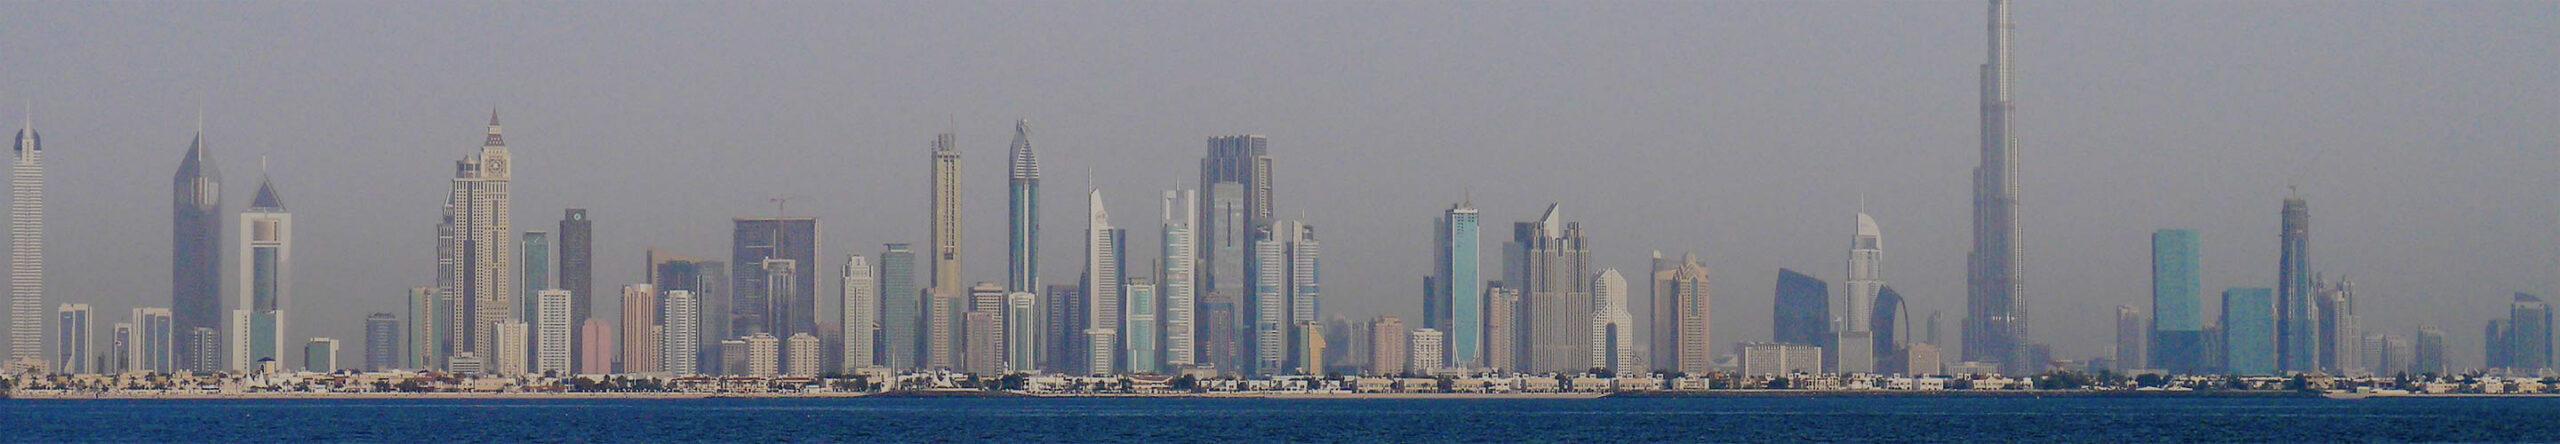 Bastelvorlage Dubai, Vereinigte Arabische Emirate - Dubai Panorama - Skyline Dubai - Hochhäuser Dubai - Wolkenkratzer - Architektur basteln